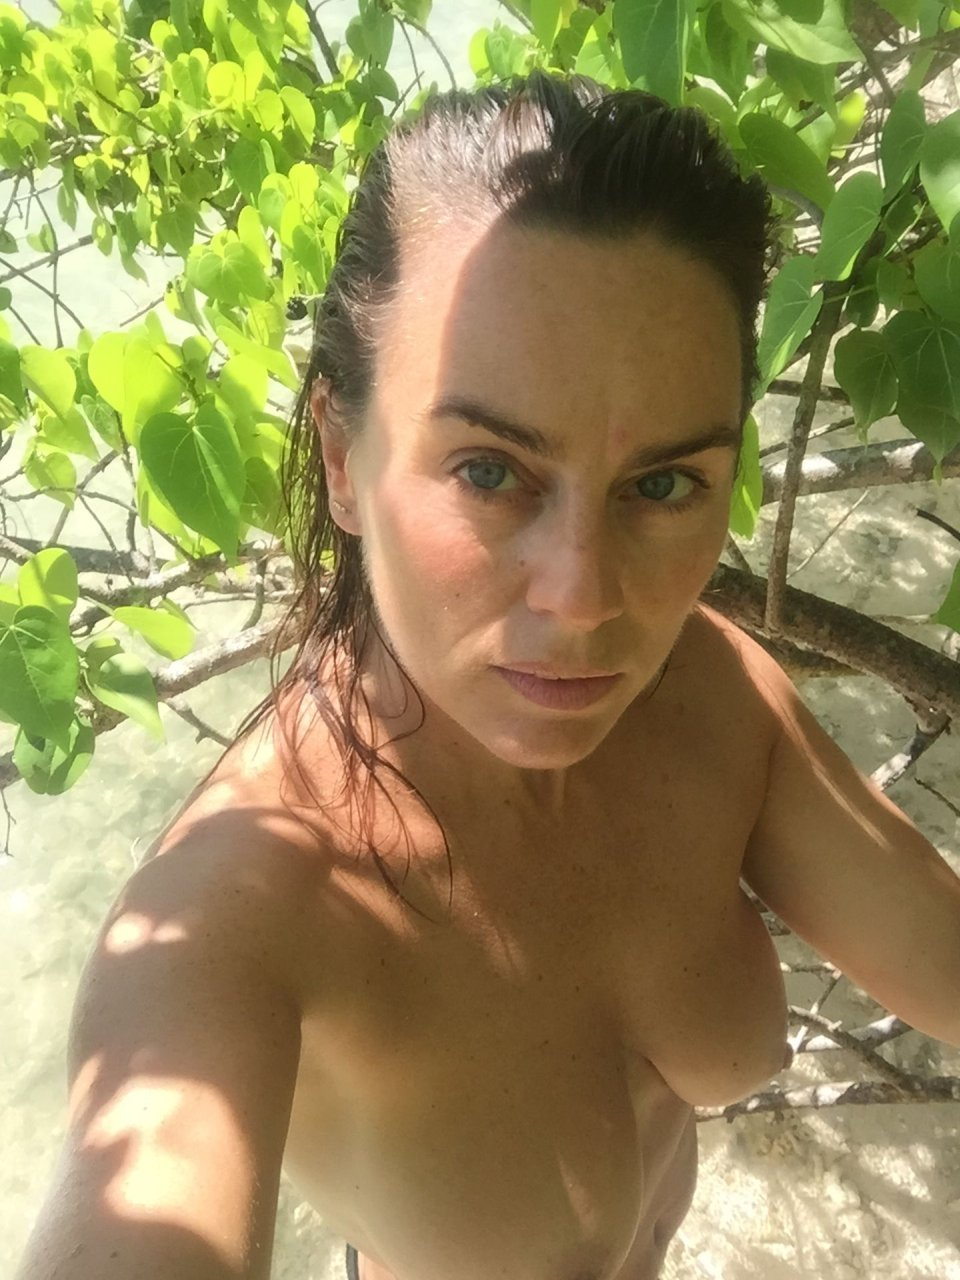 Jill-Halfpenny-Nude-Leaked-Photos-TheFap